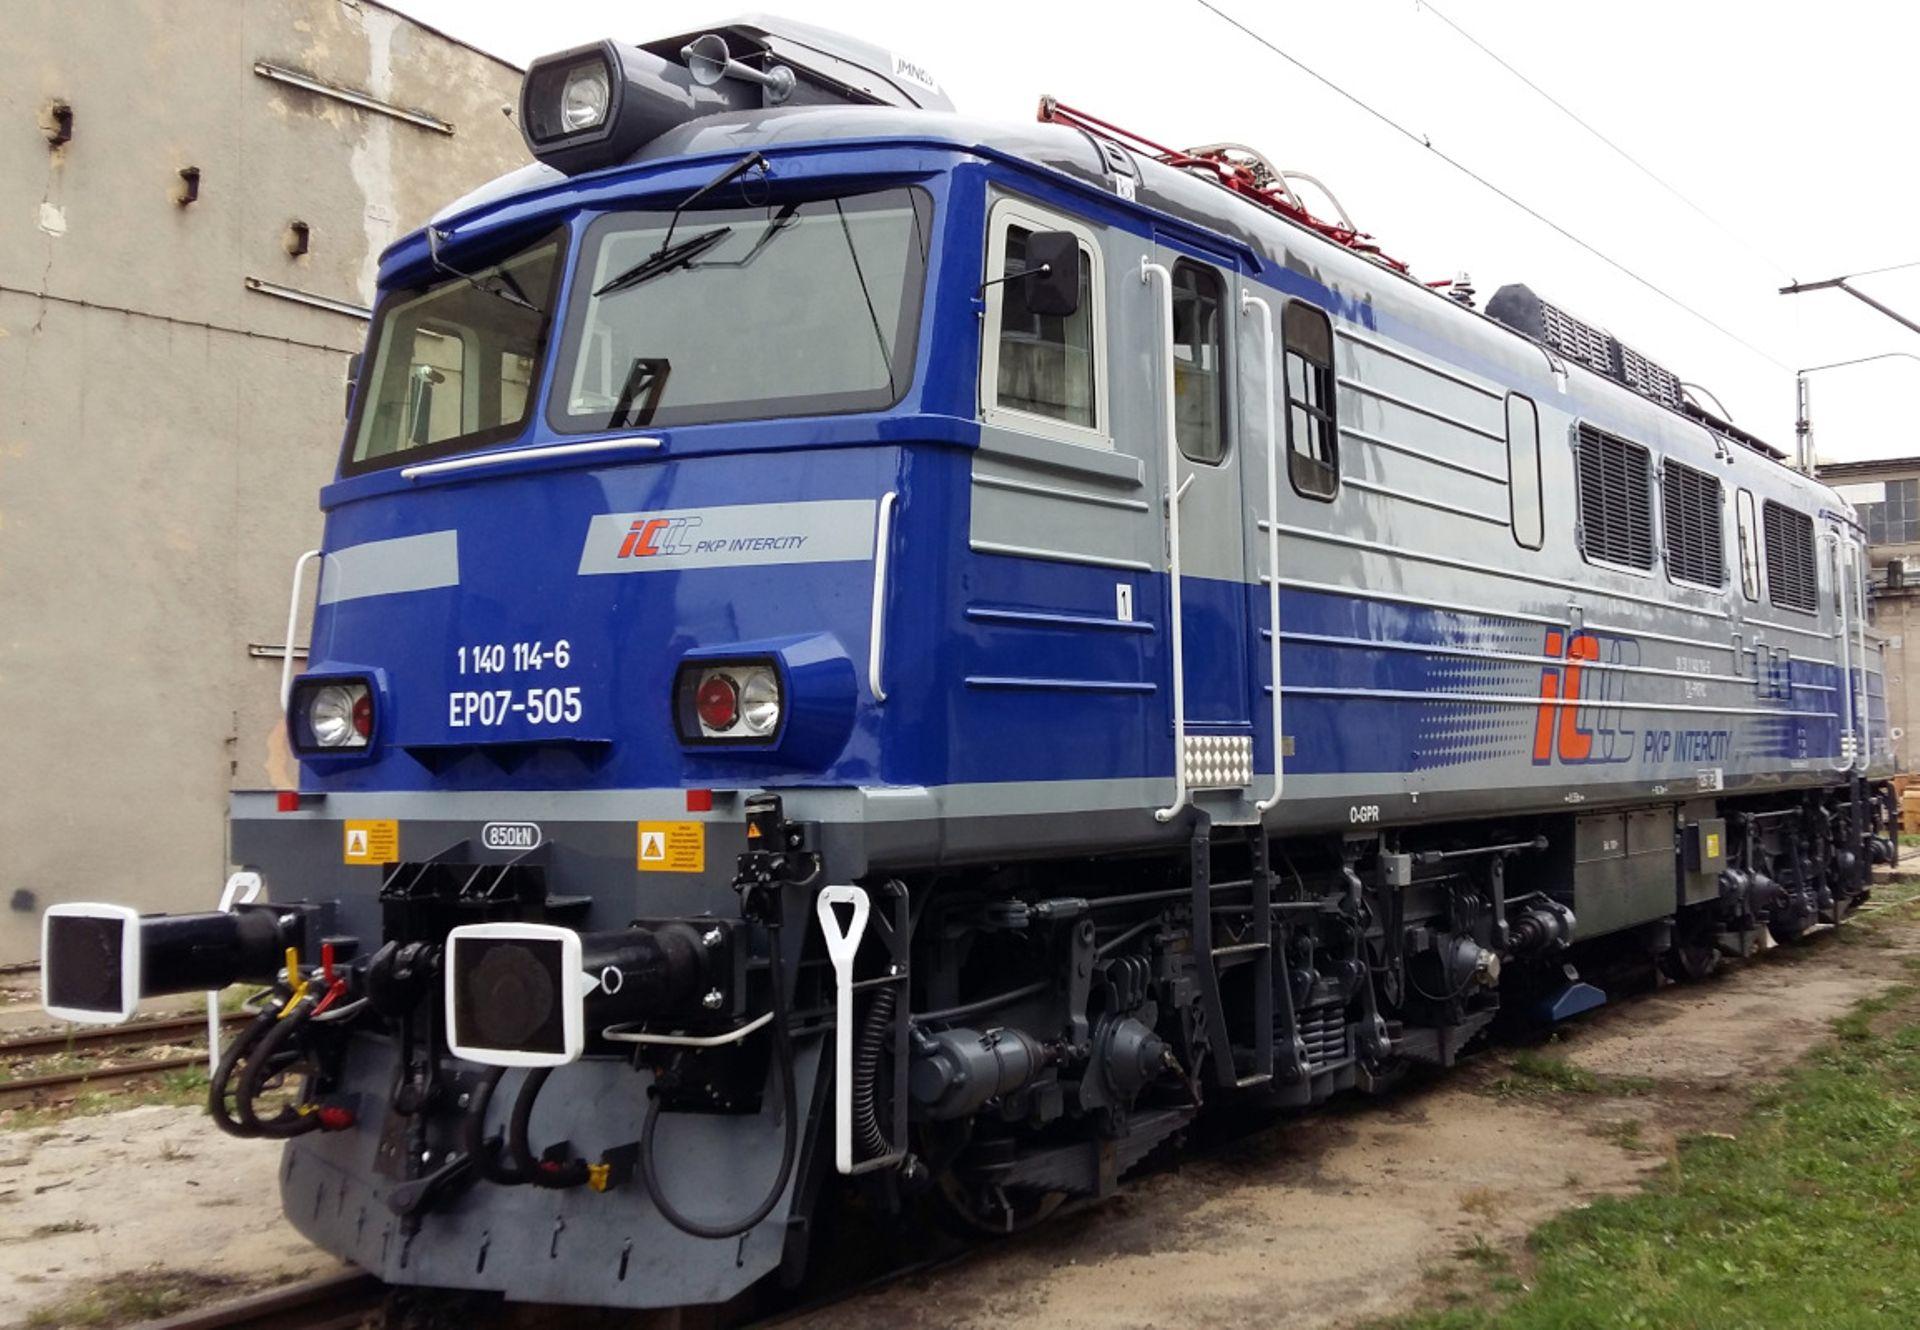 Oleśnica: Olkol wygrał przetarg na modernizację 20 lokomotyw elektrycznych za 200 milionów złotych